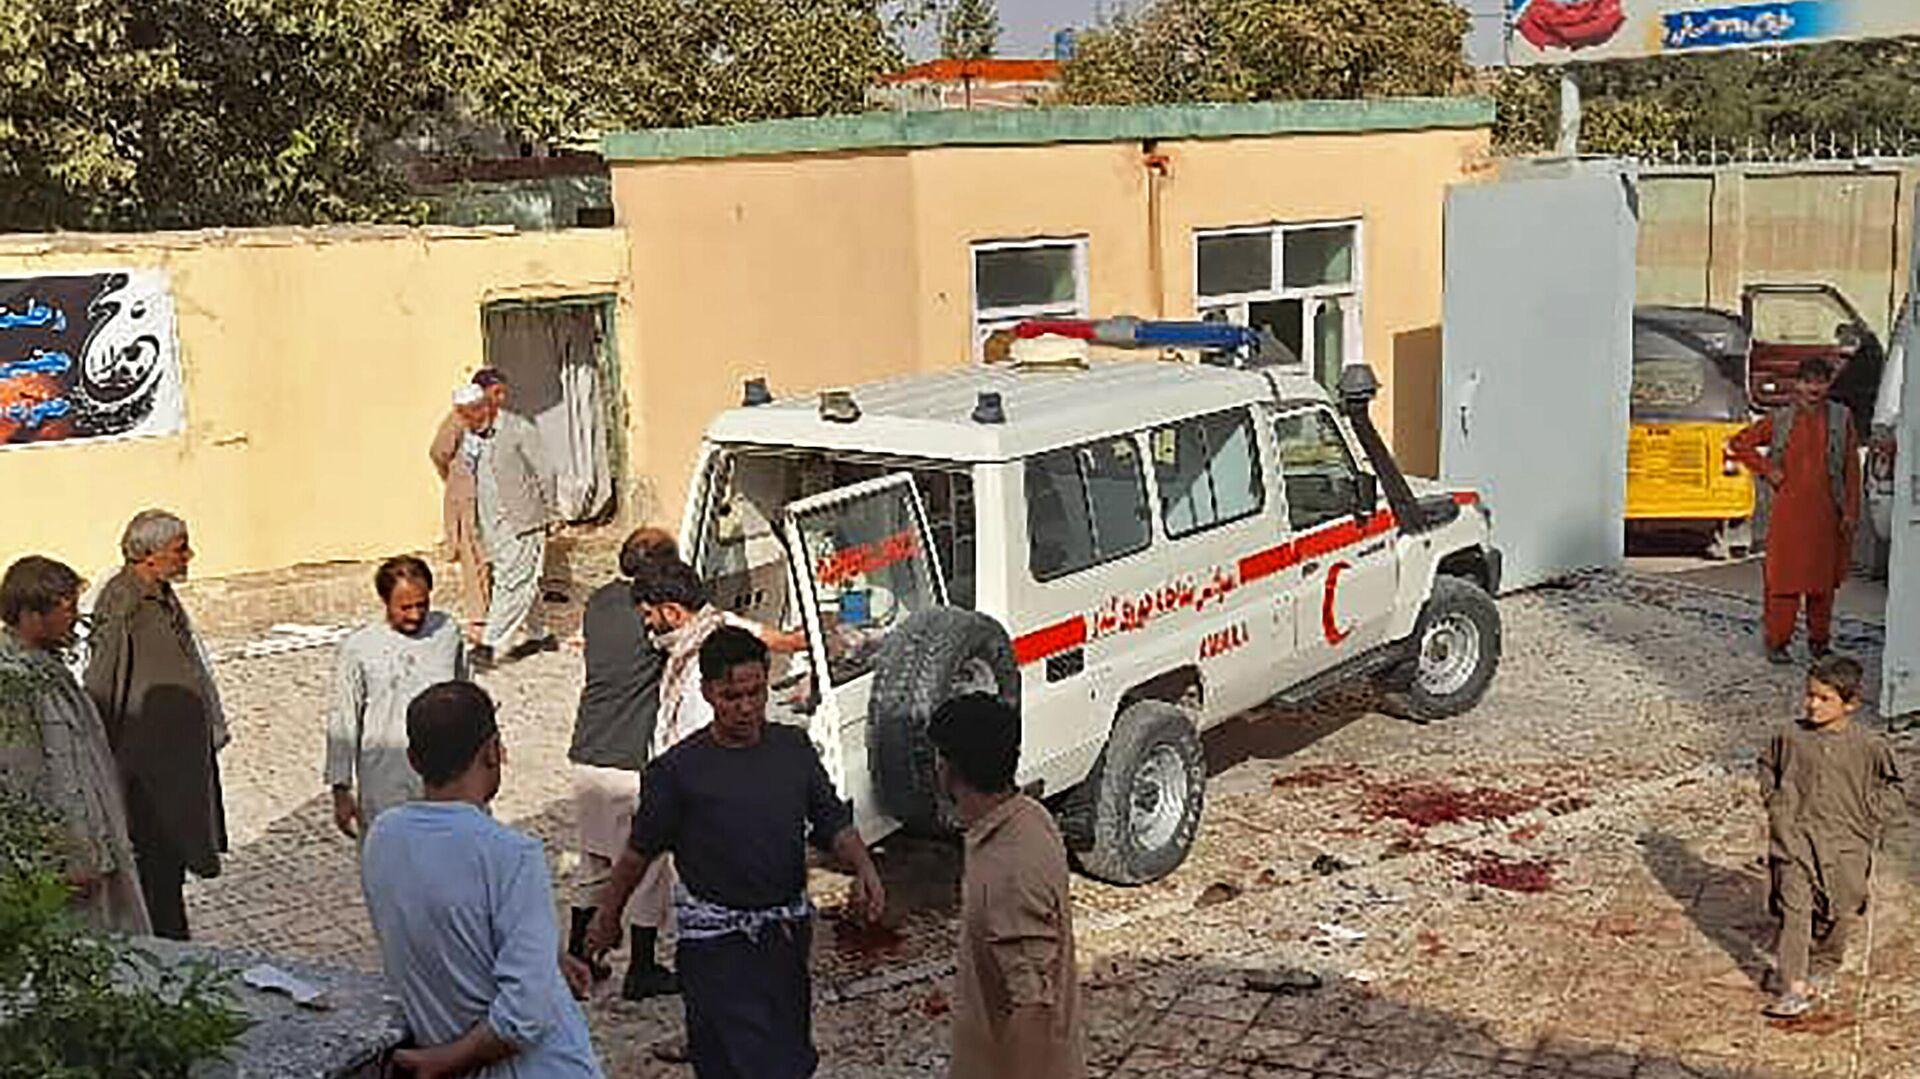 Αφγανιστάν: Πολύνεκρη έκρηξη σε τζαμί - Sputnik Ελλάδα, 1920, 08.10.2021